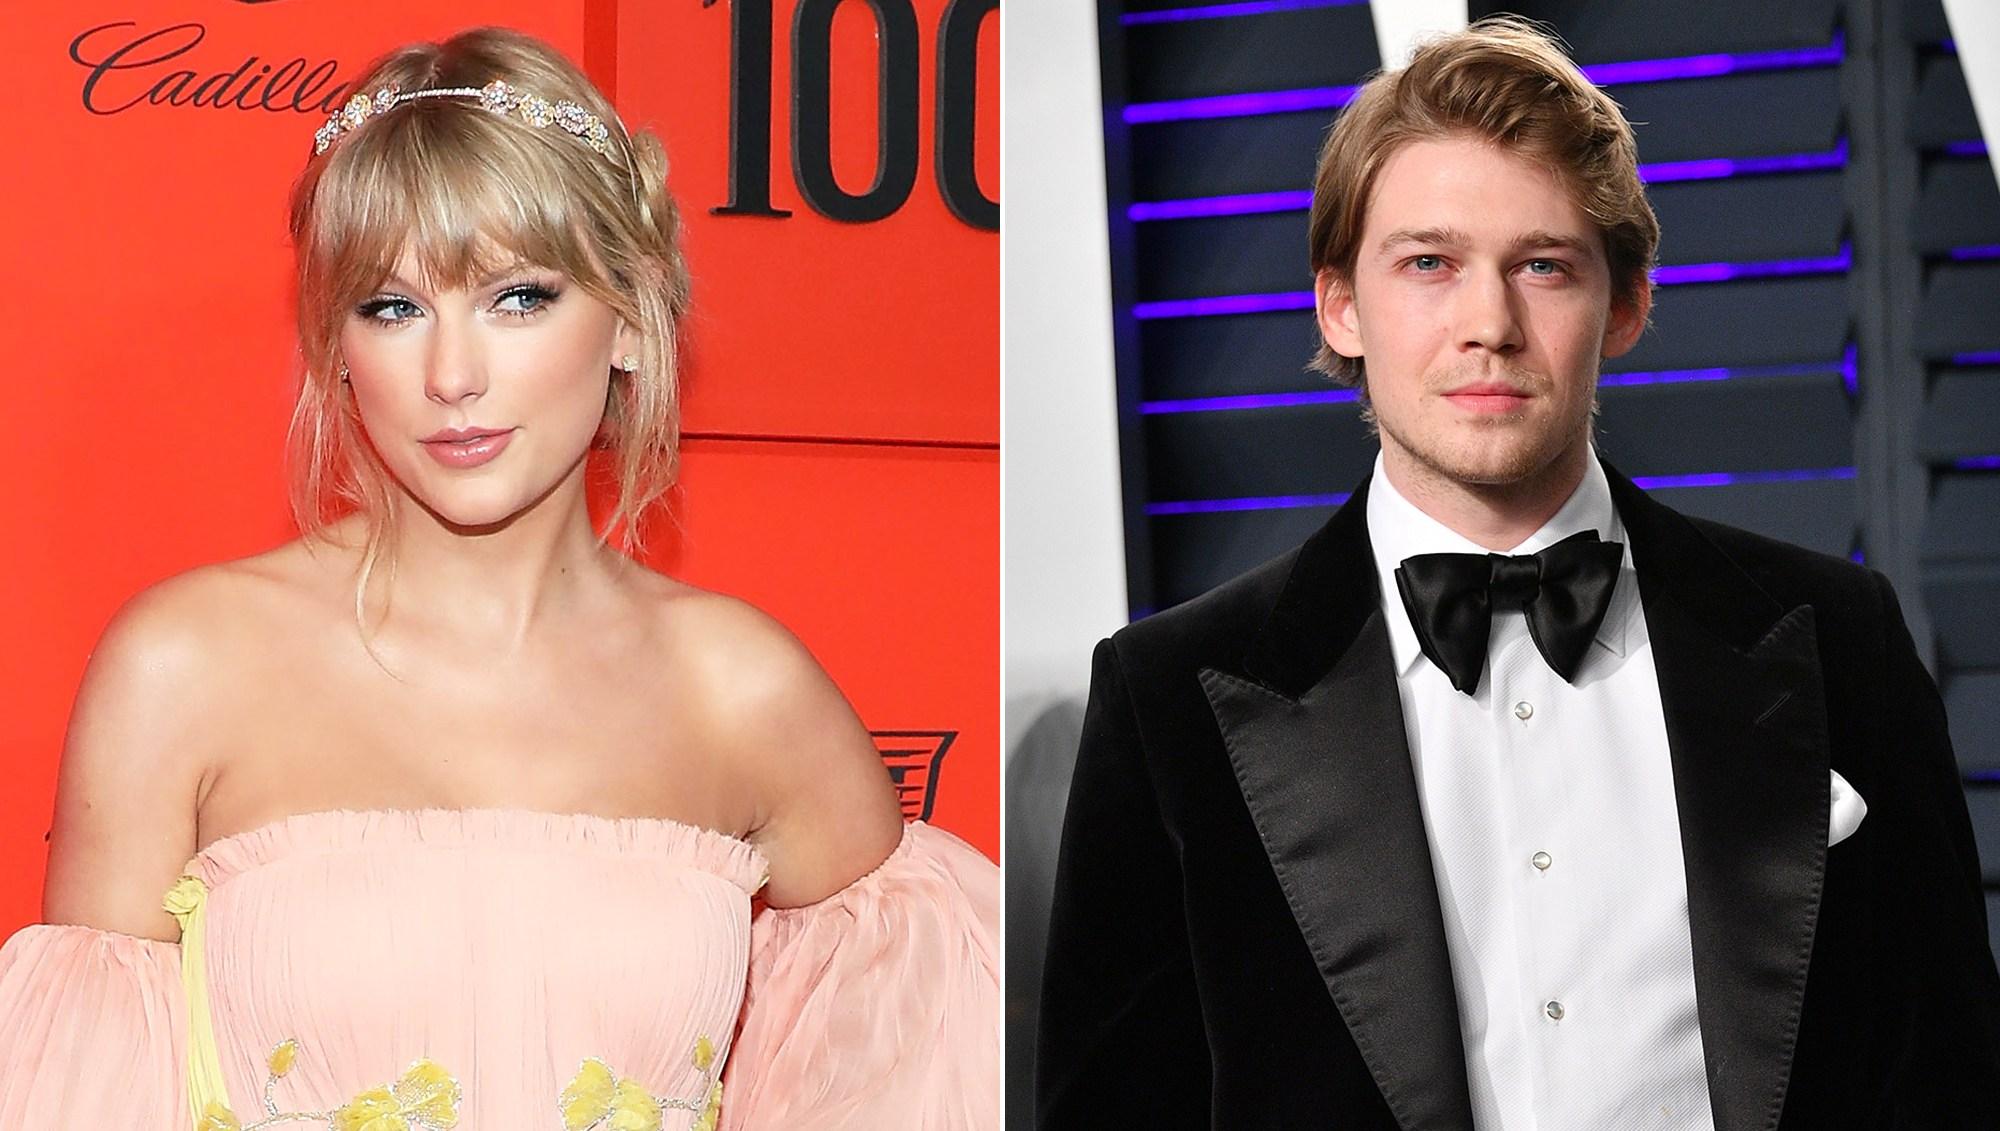 Hidden Tribute to Joe Alwyn in Taylor Swift Video